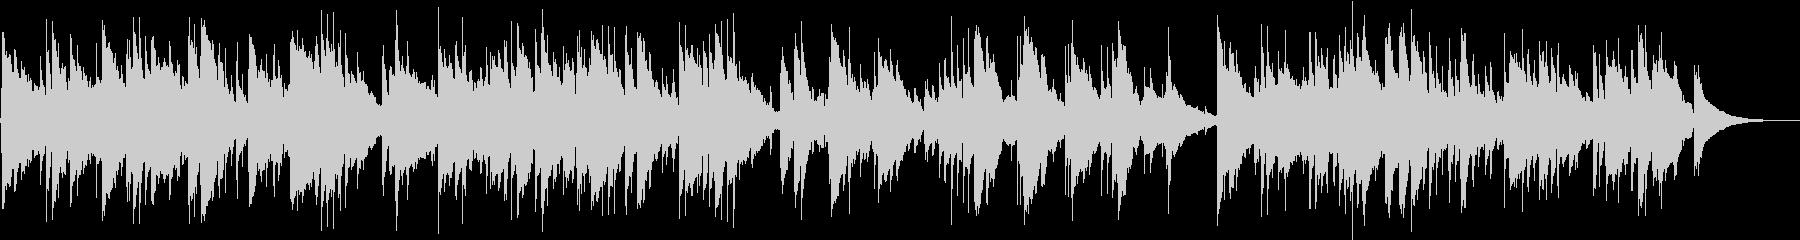 アコギ生演奏の優しく穏やかな曲の未再生の波形